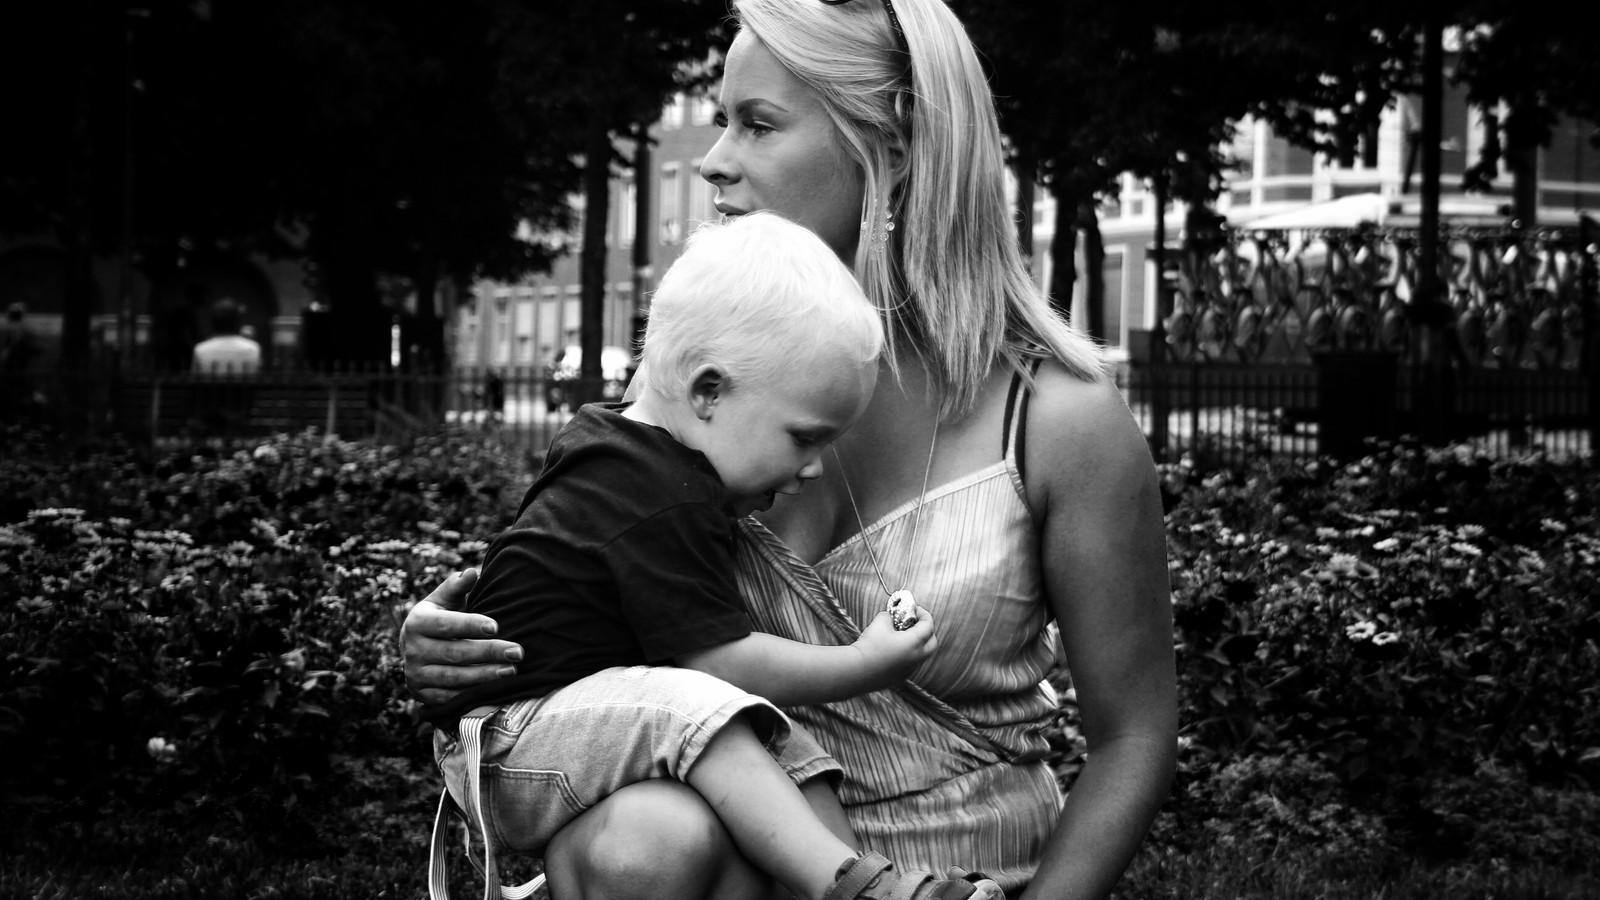 Sorthvitt bilde av en ung kvinne med barnet sitt i fanget. Kvinnen er i profil og ser mot venstre. Barnet er en lyslugget liten gutt som leker med morens halskjede. Begge har sommerklær på seg og de er i en park med blomster i bakgrunnen.